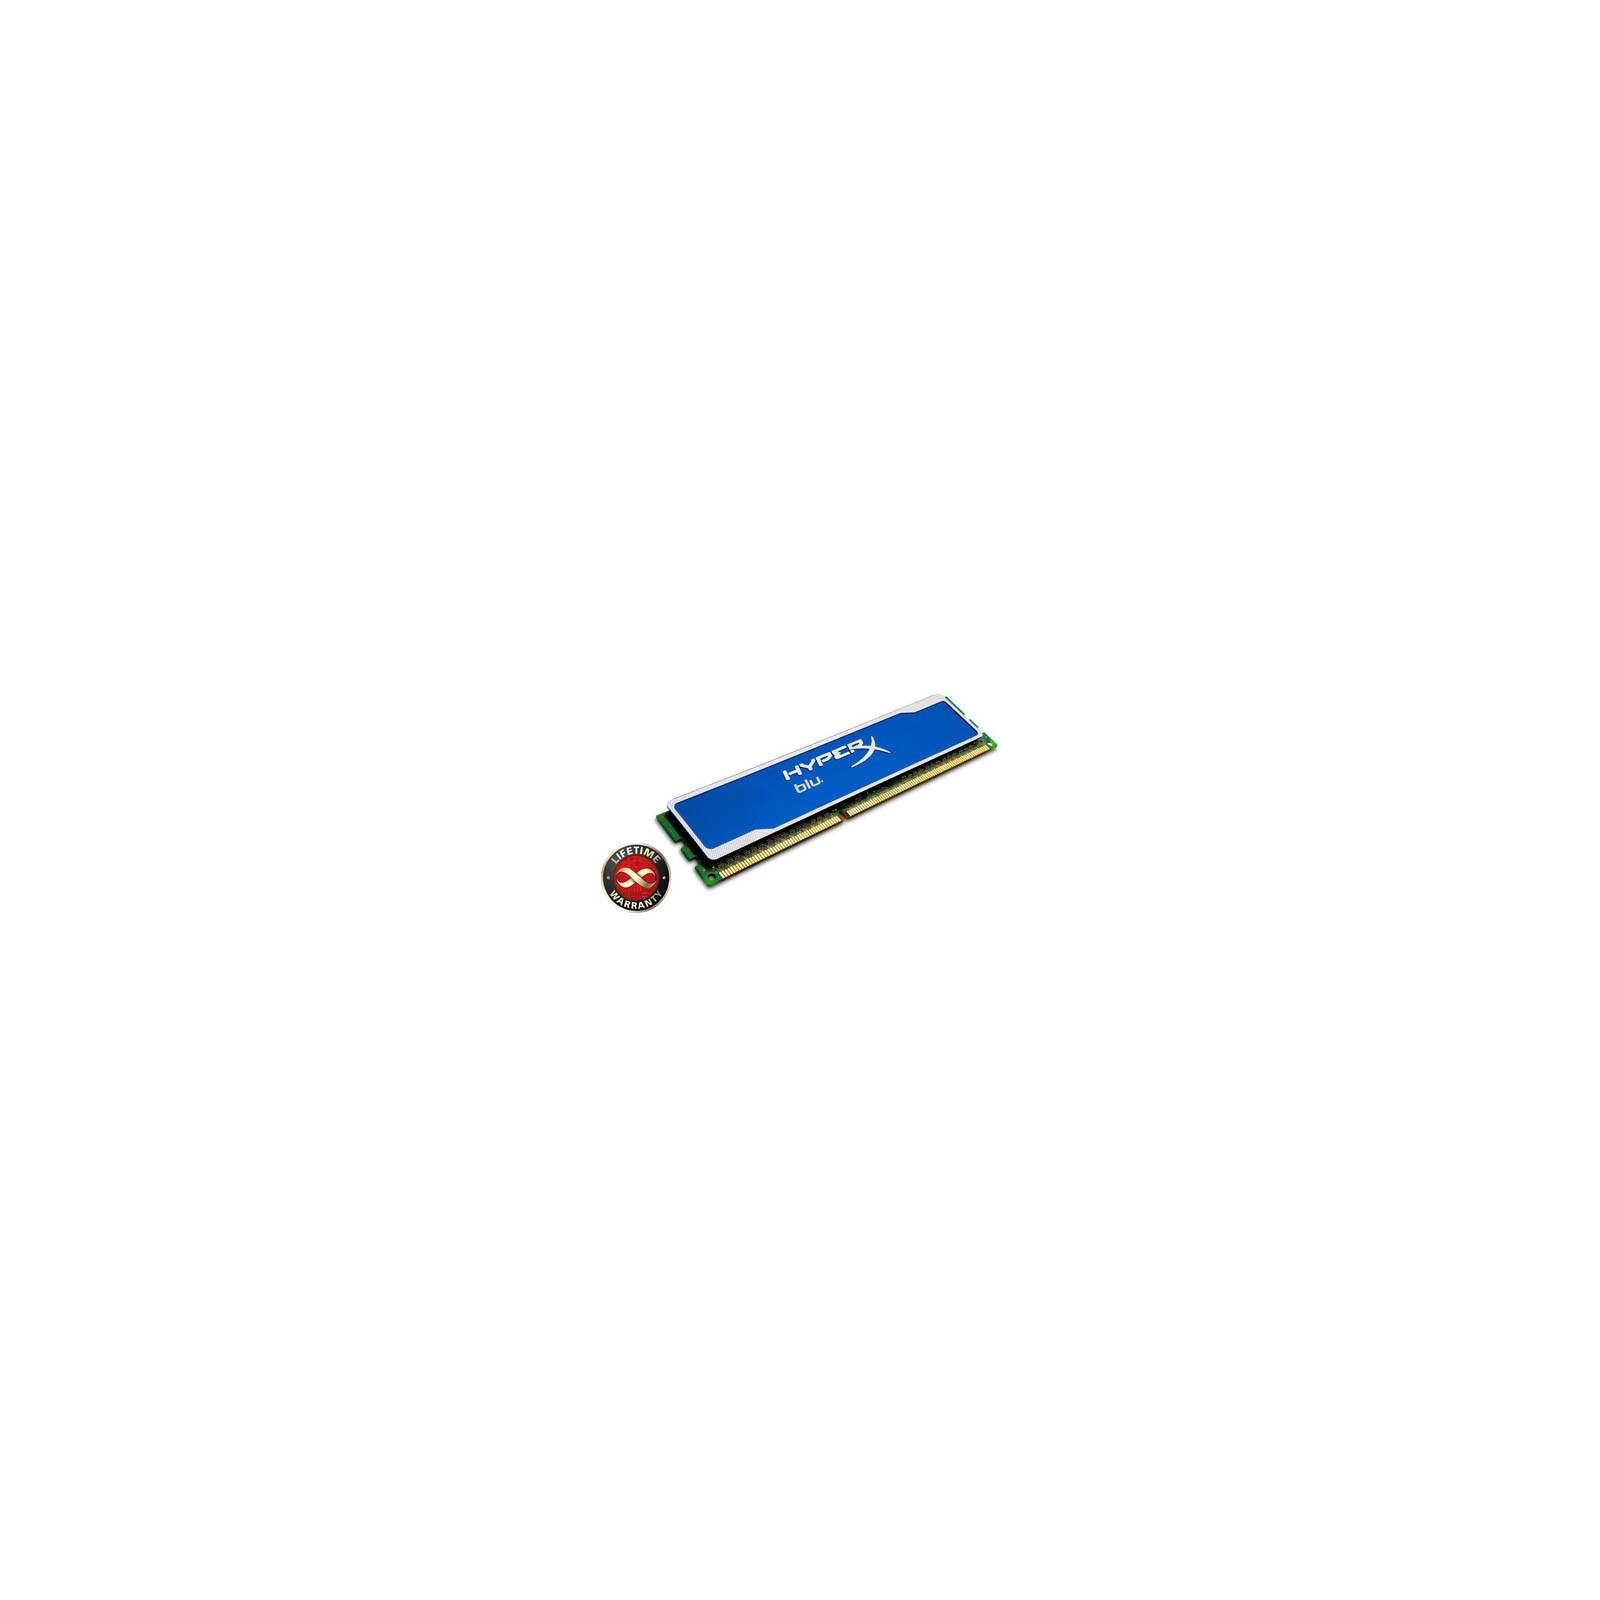 Модуль памяти для компьютера DDR3 8GB 1600 MHz Kingston (KHX1600C10D3B1/8G)